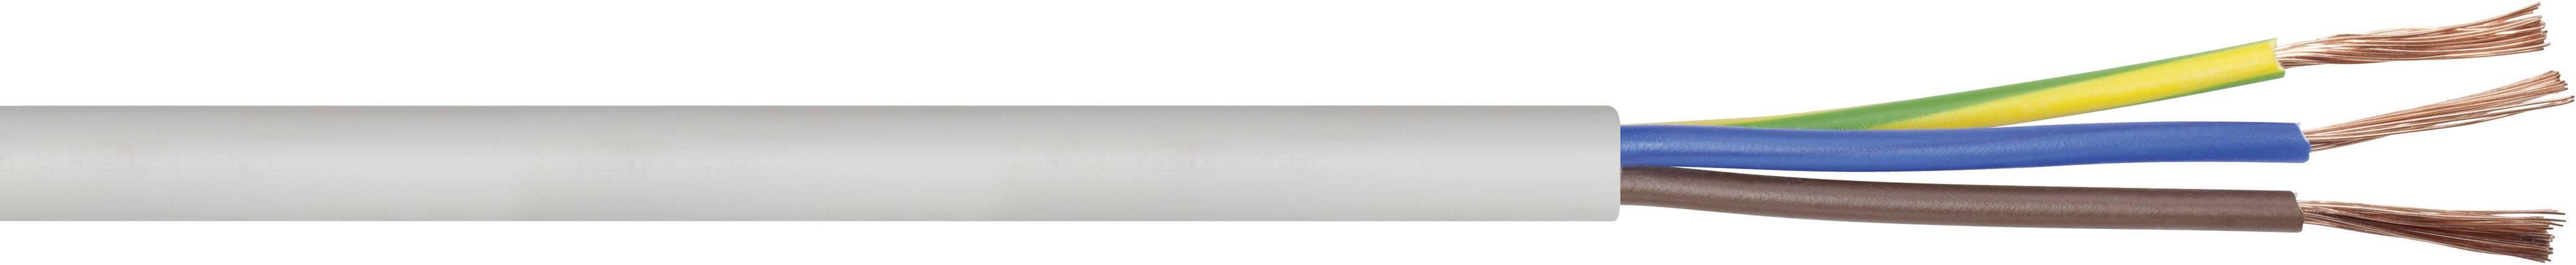 Vícežílový kabel LappKabel H05VV-F, 49900078, 3 G 1.50 mm², bílá, metrové zboží